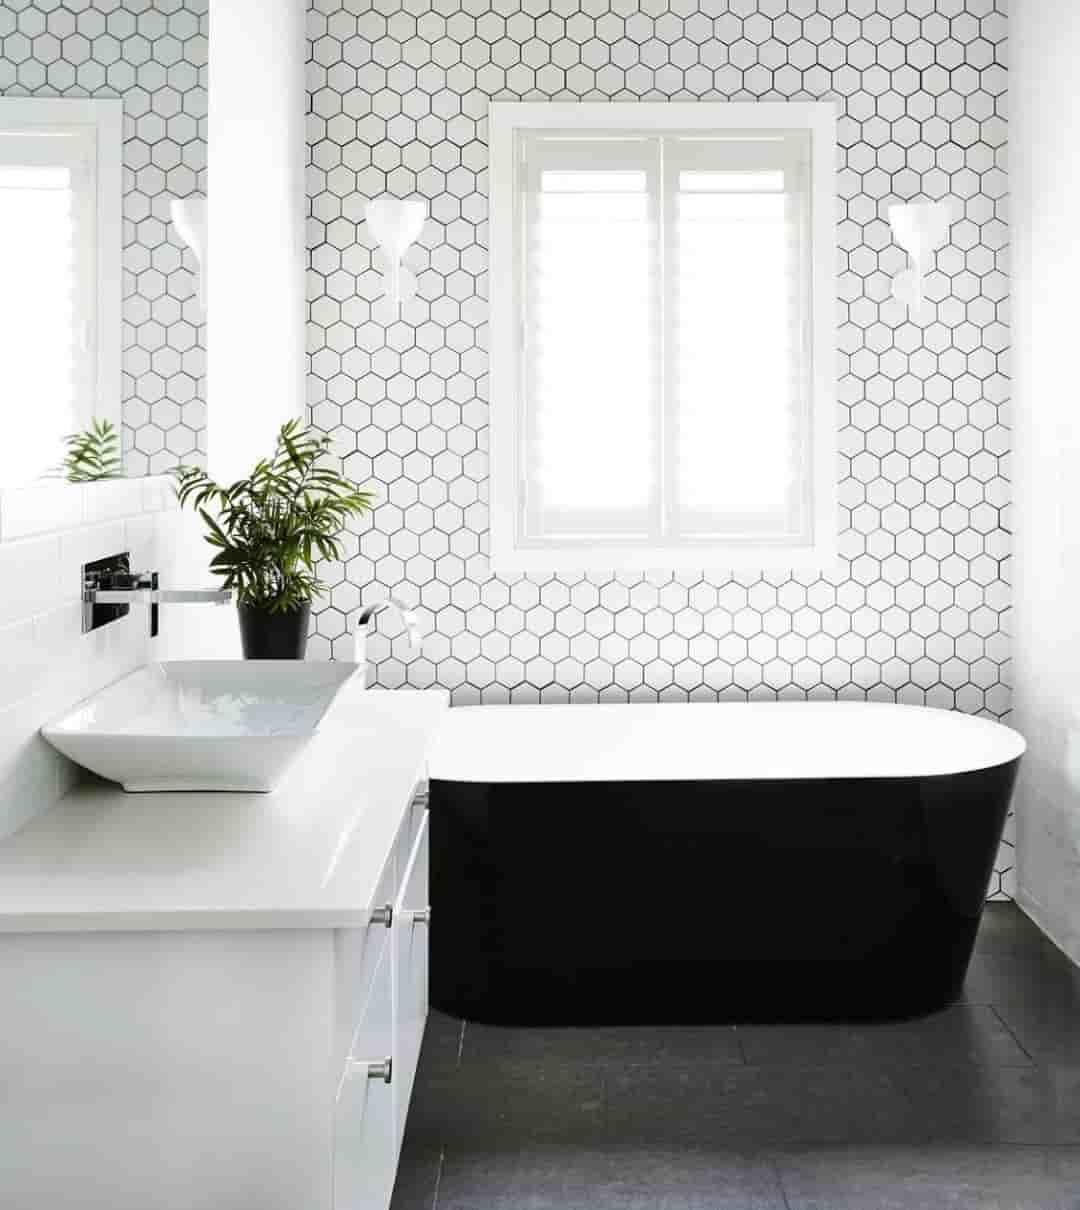 Top 3 xu hướng thiết kế phòng tắm 2021 đặc biệt ấn tượng - Ảnh 10.